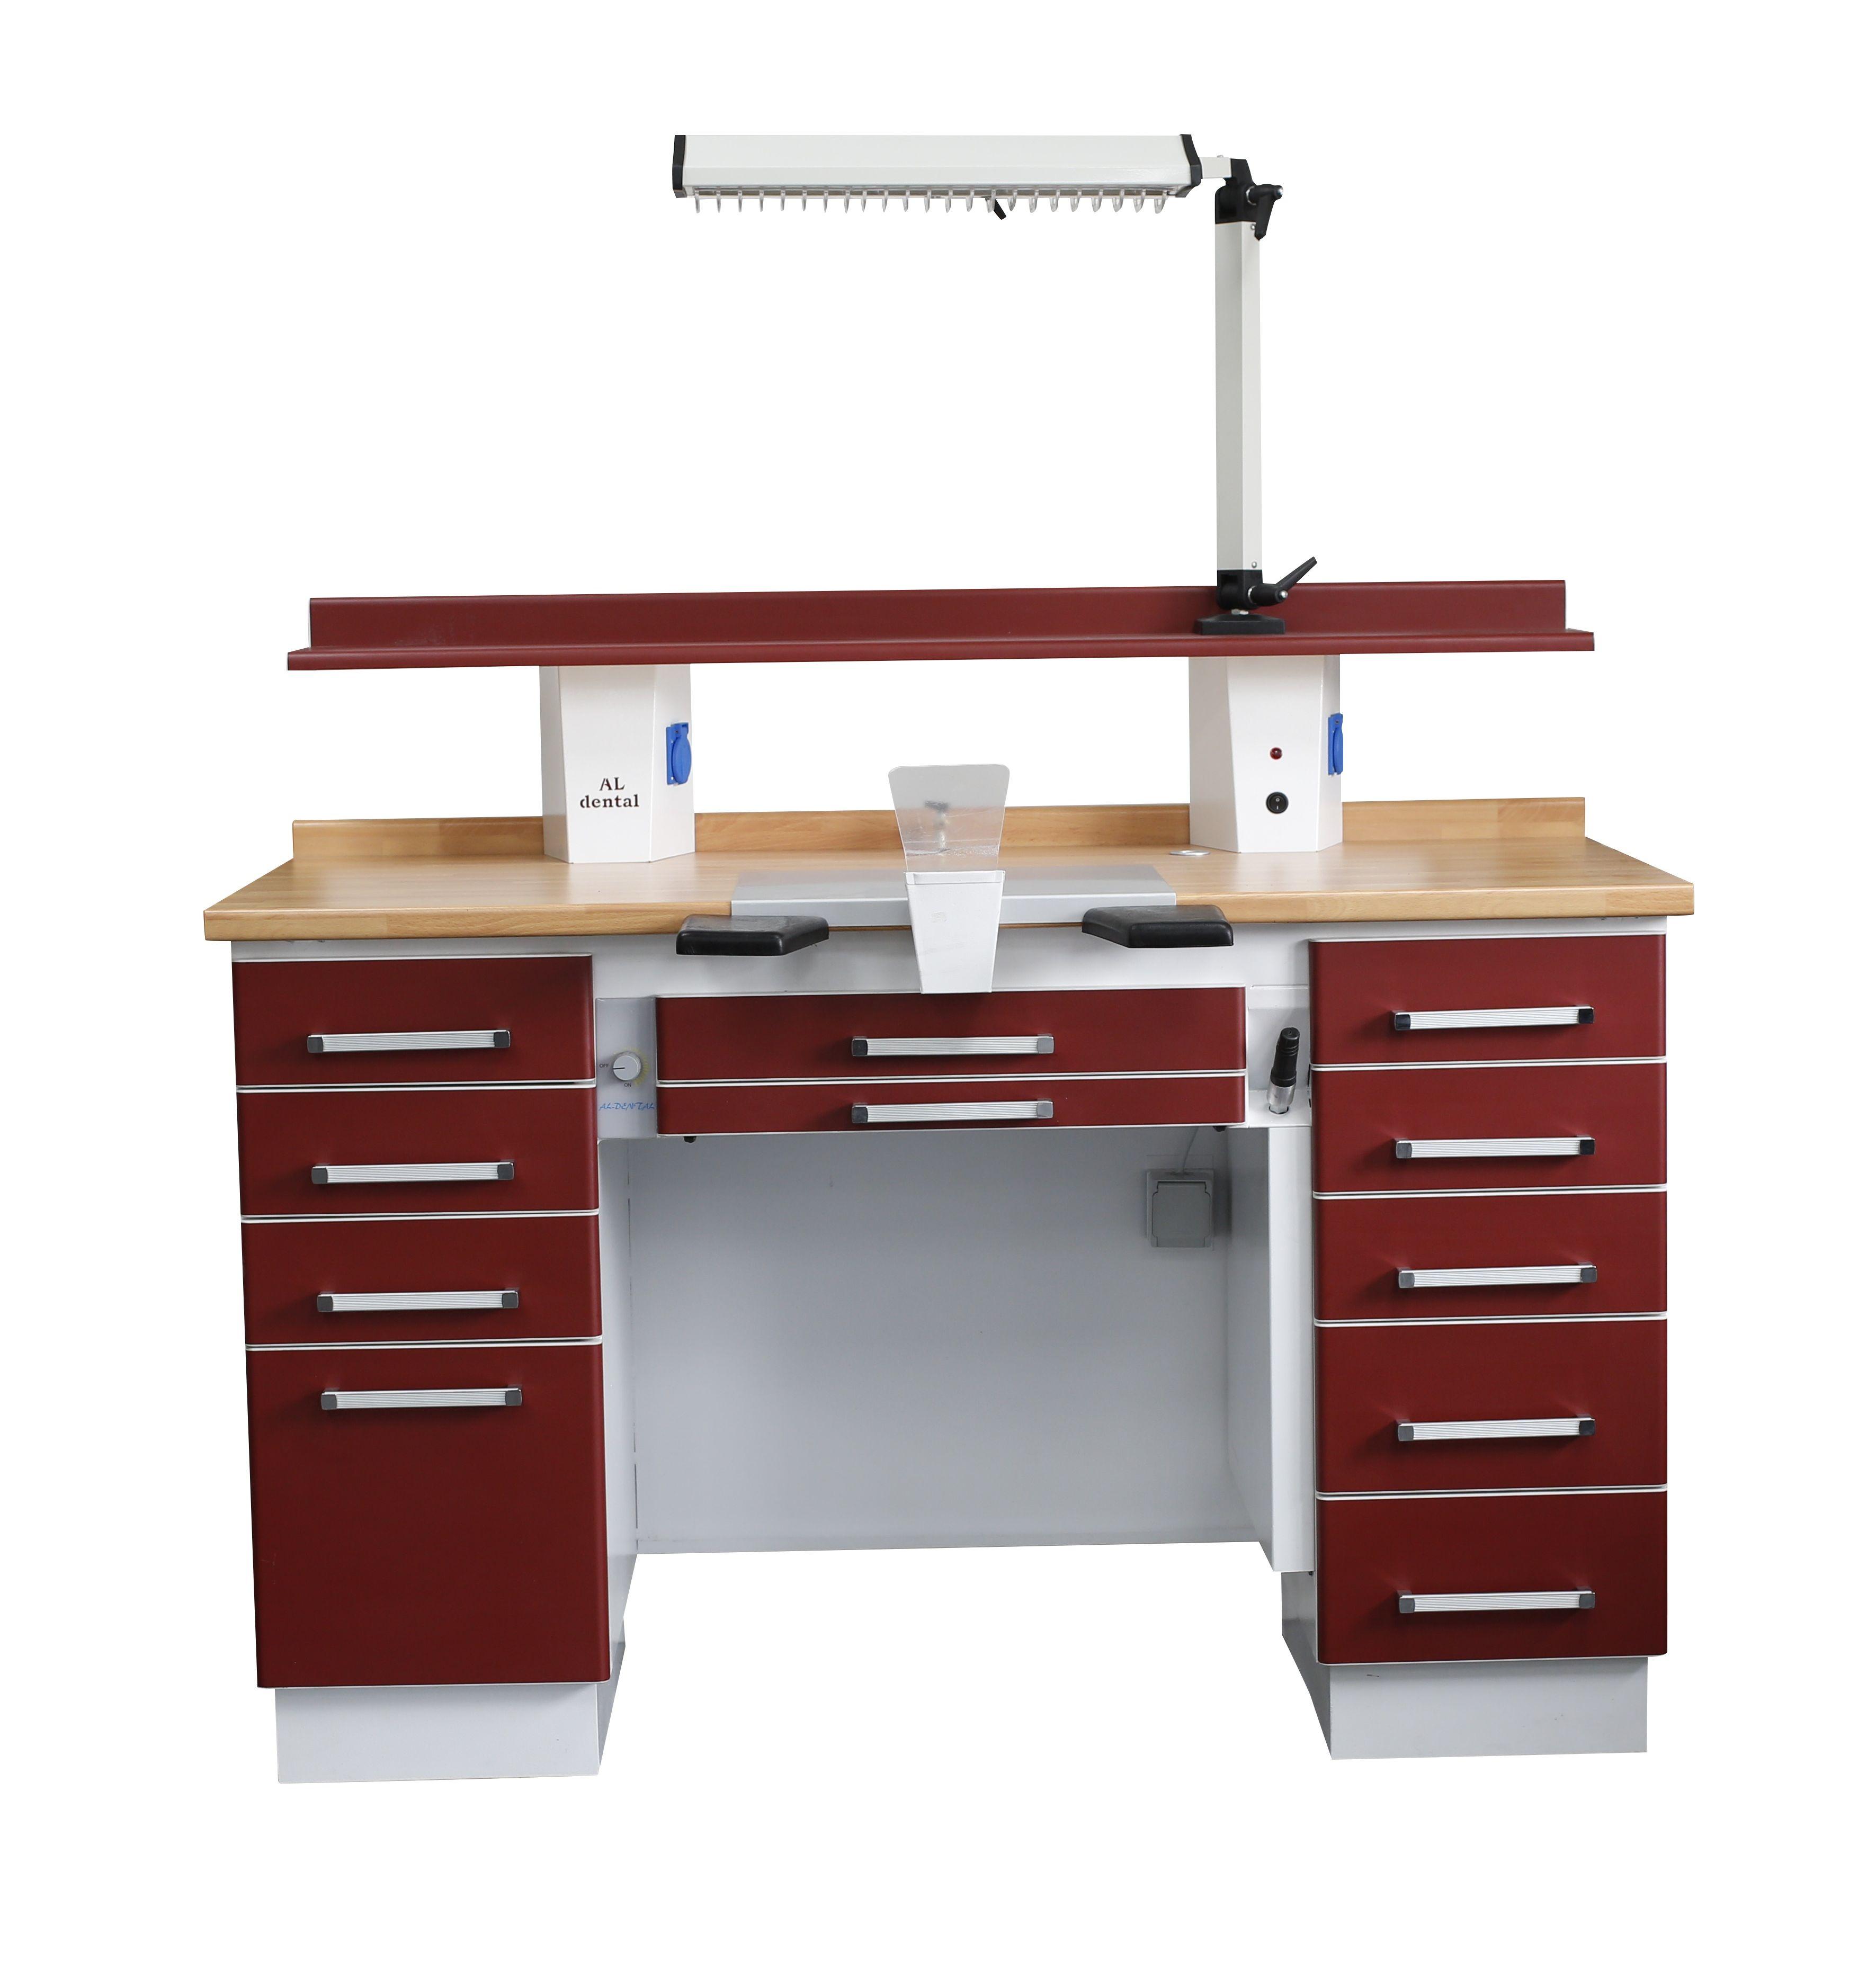 Dental-Labortisch - Einzelarbeitsplatz Techniktisch Labormöbel + Absaugung NEU